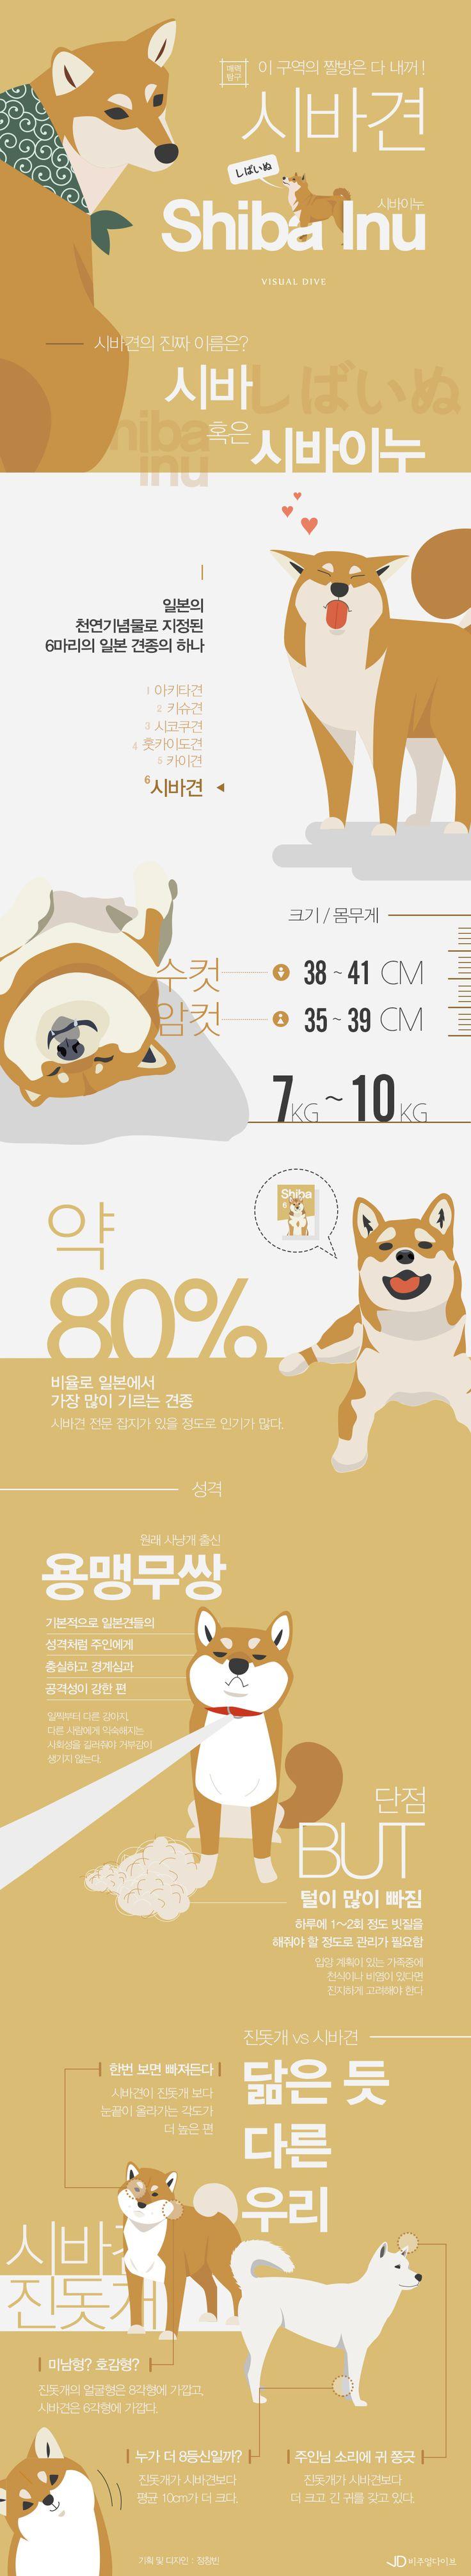 '짤방계의 유재석' 시바견의 매력탐구 [인포그래픽] # shiba / #Infographic ⓒ 비주얼다이브 무단 복사·전재·재배포 금지